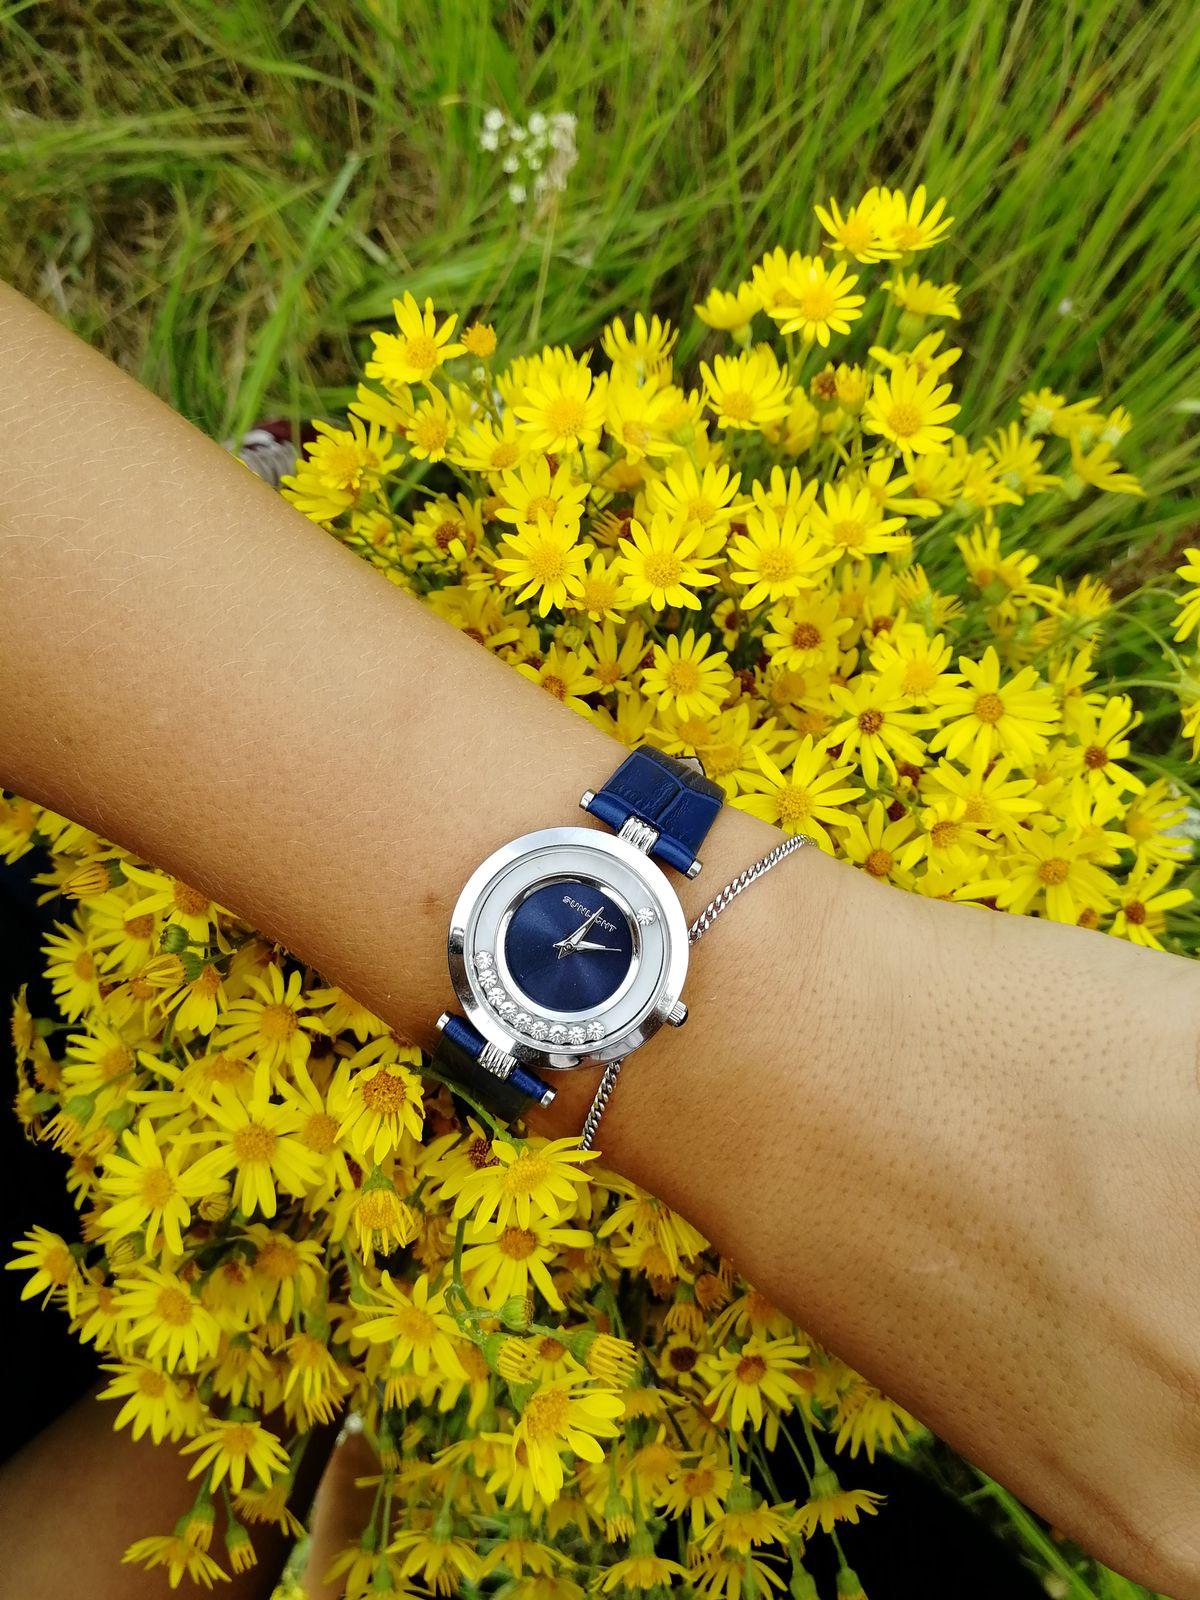 Хорошие красивые часы.